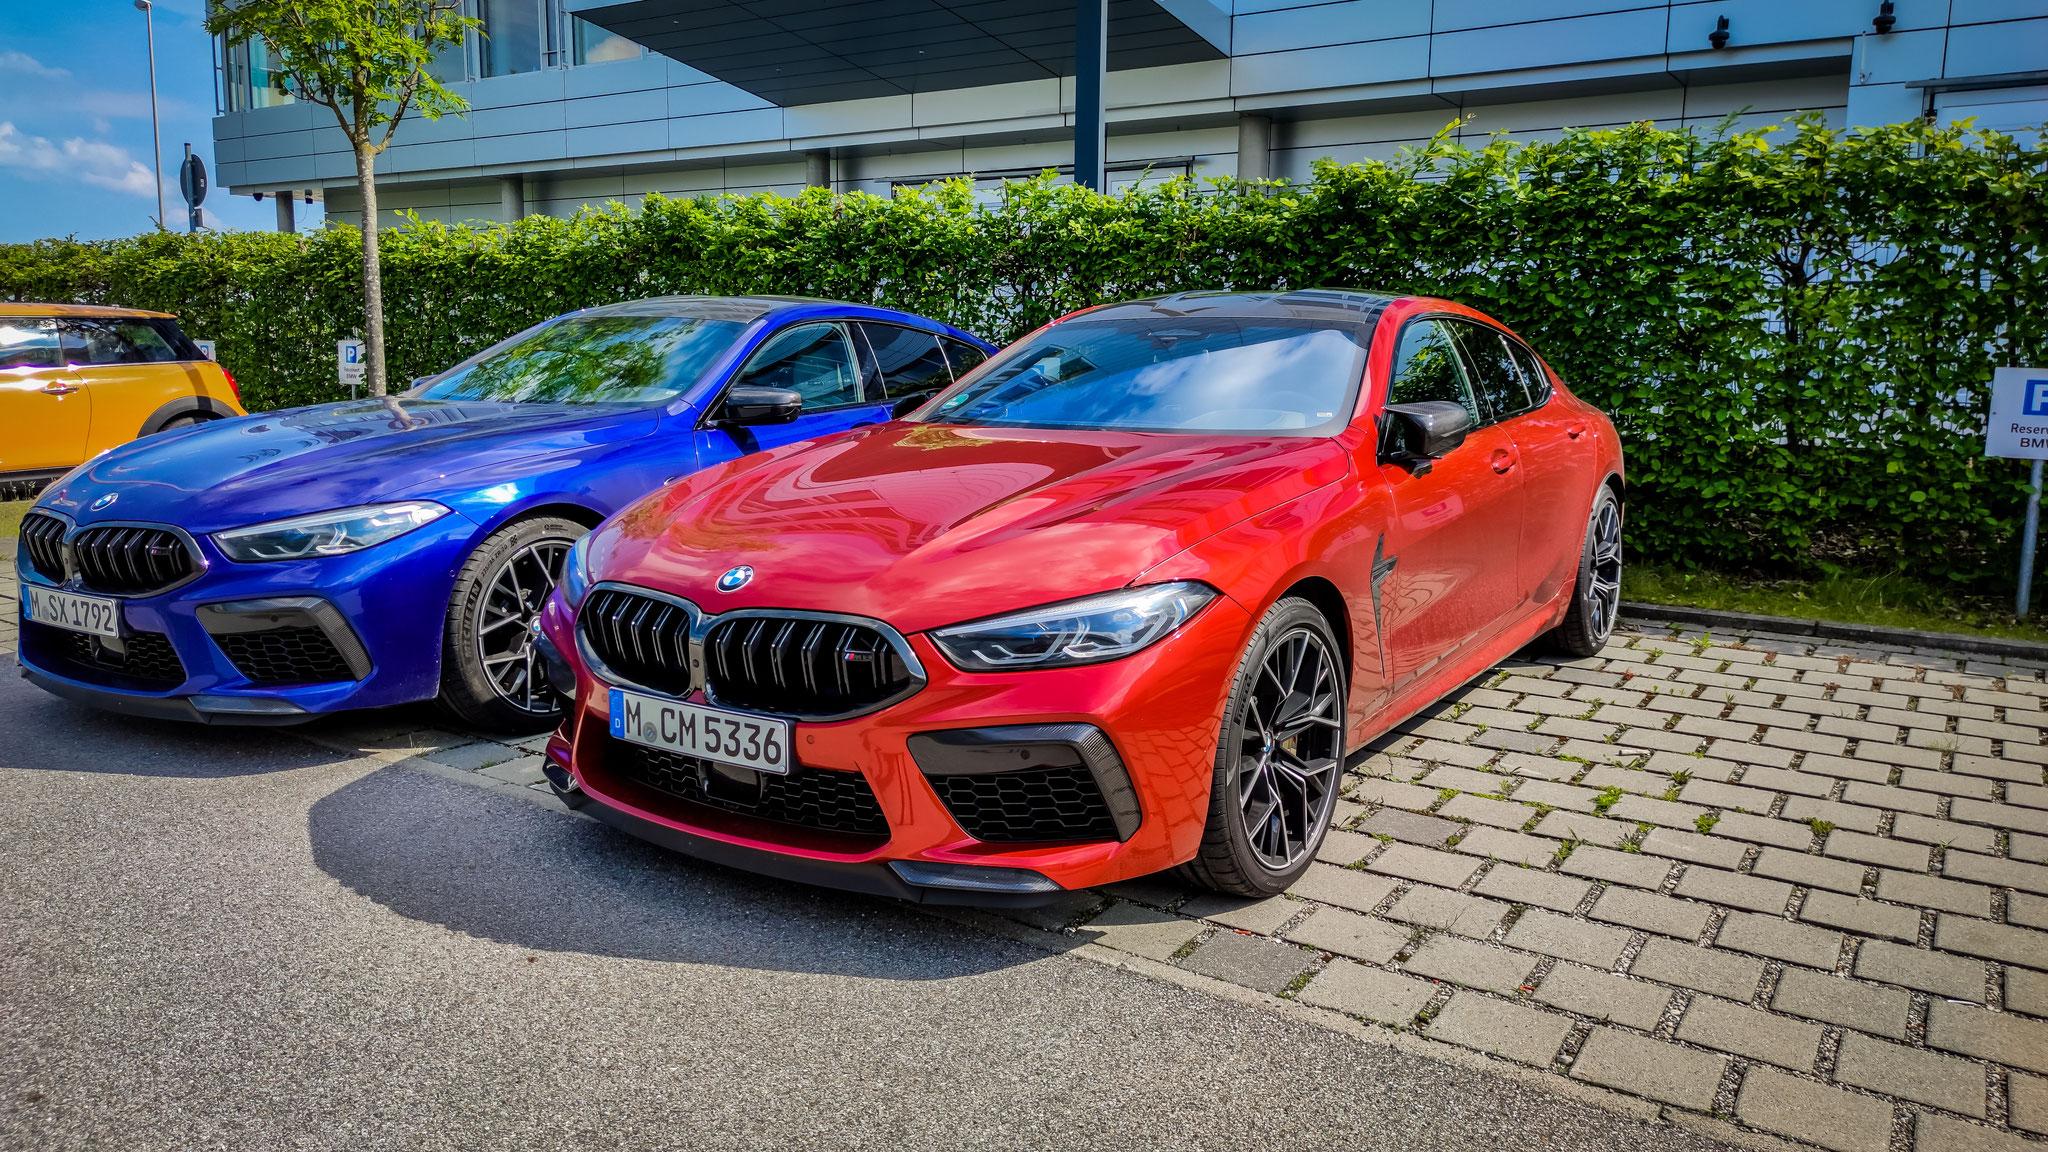 BMW M8 Competition Gran Coupé - M-CM-5336